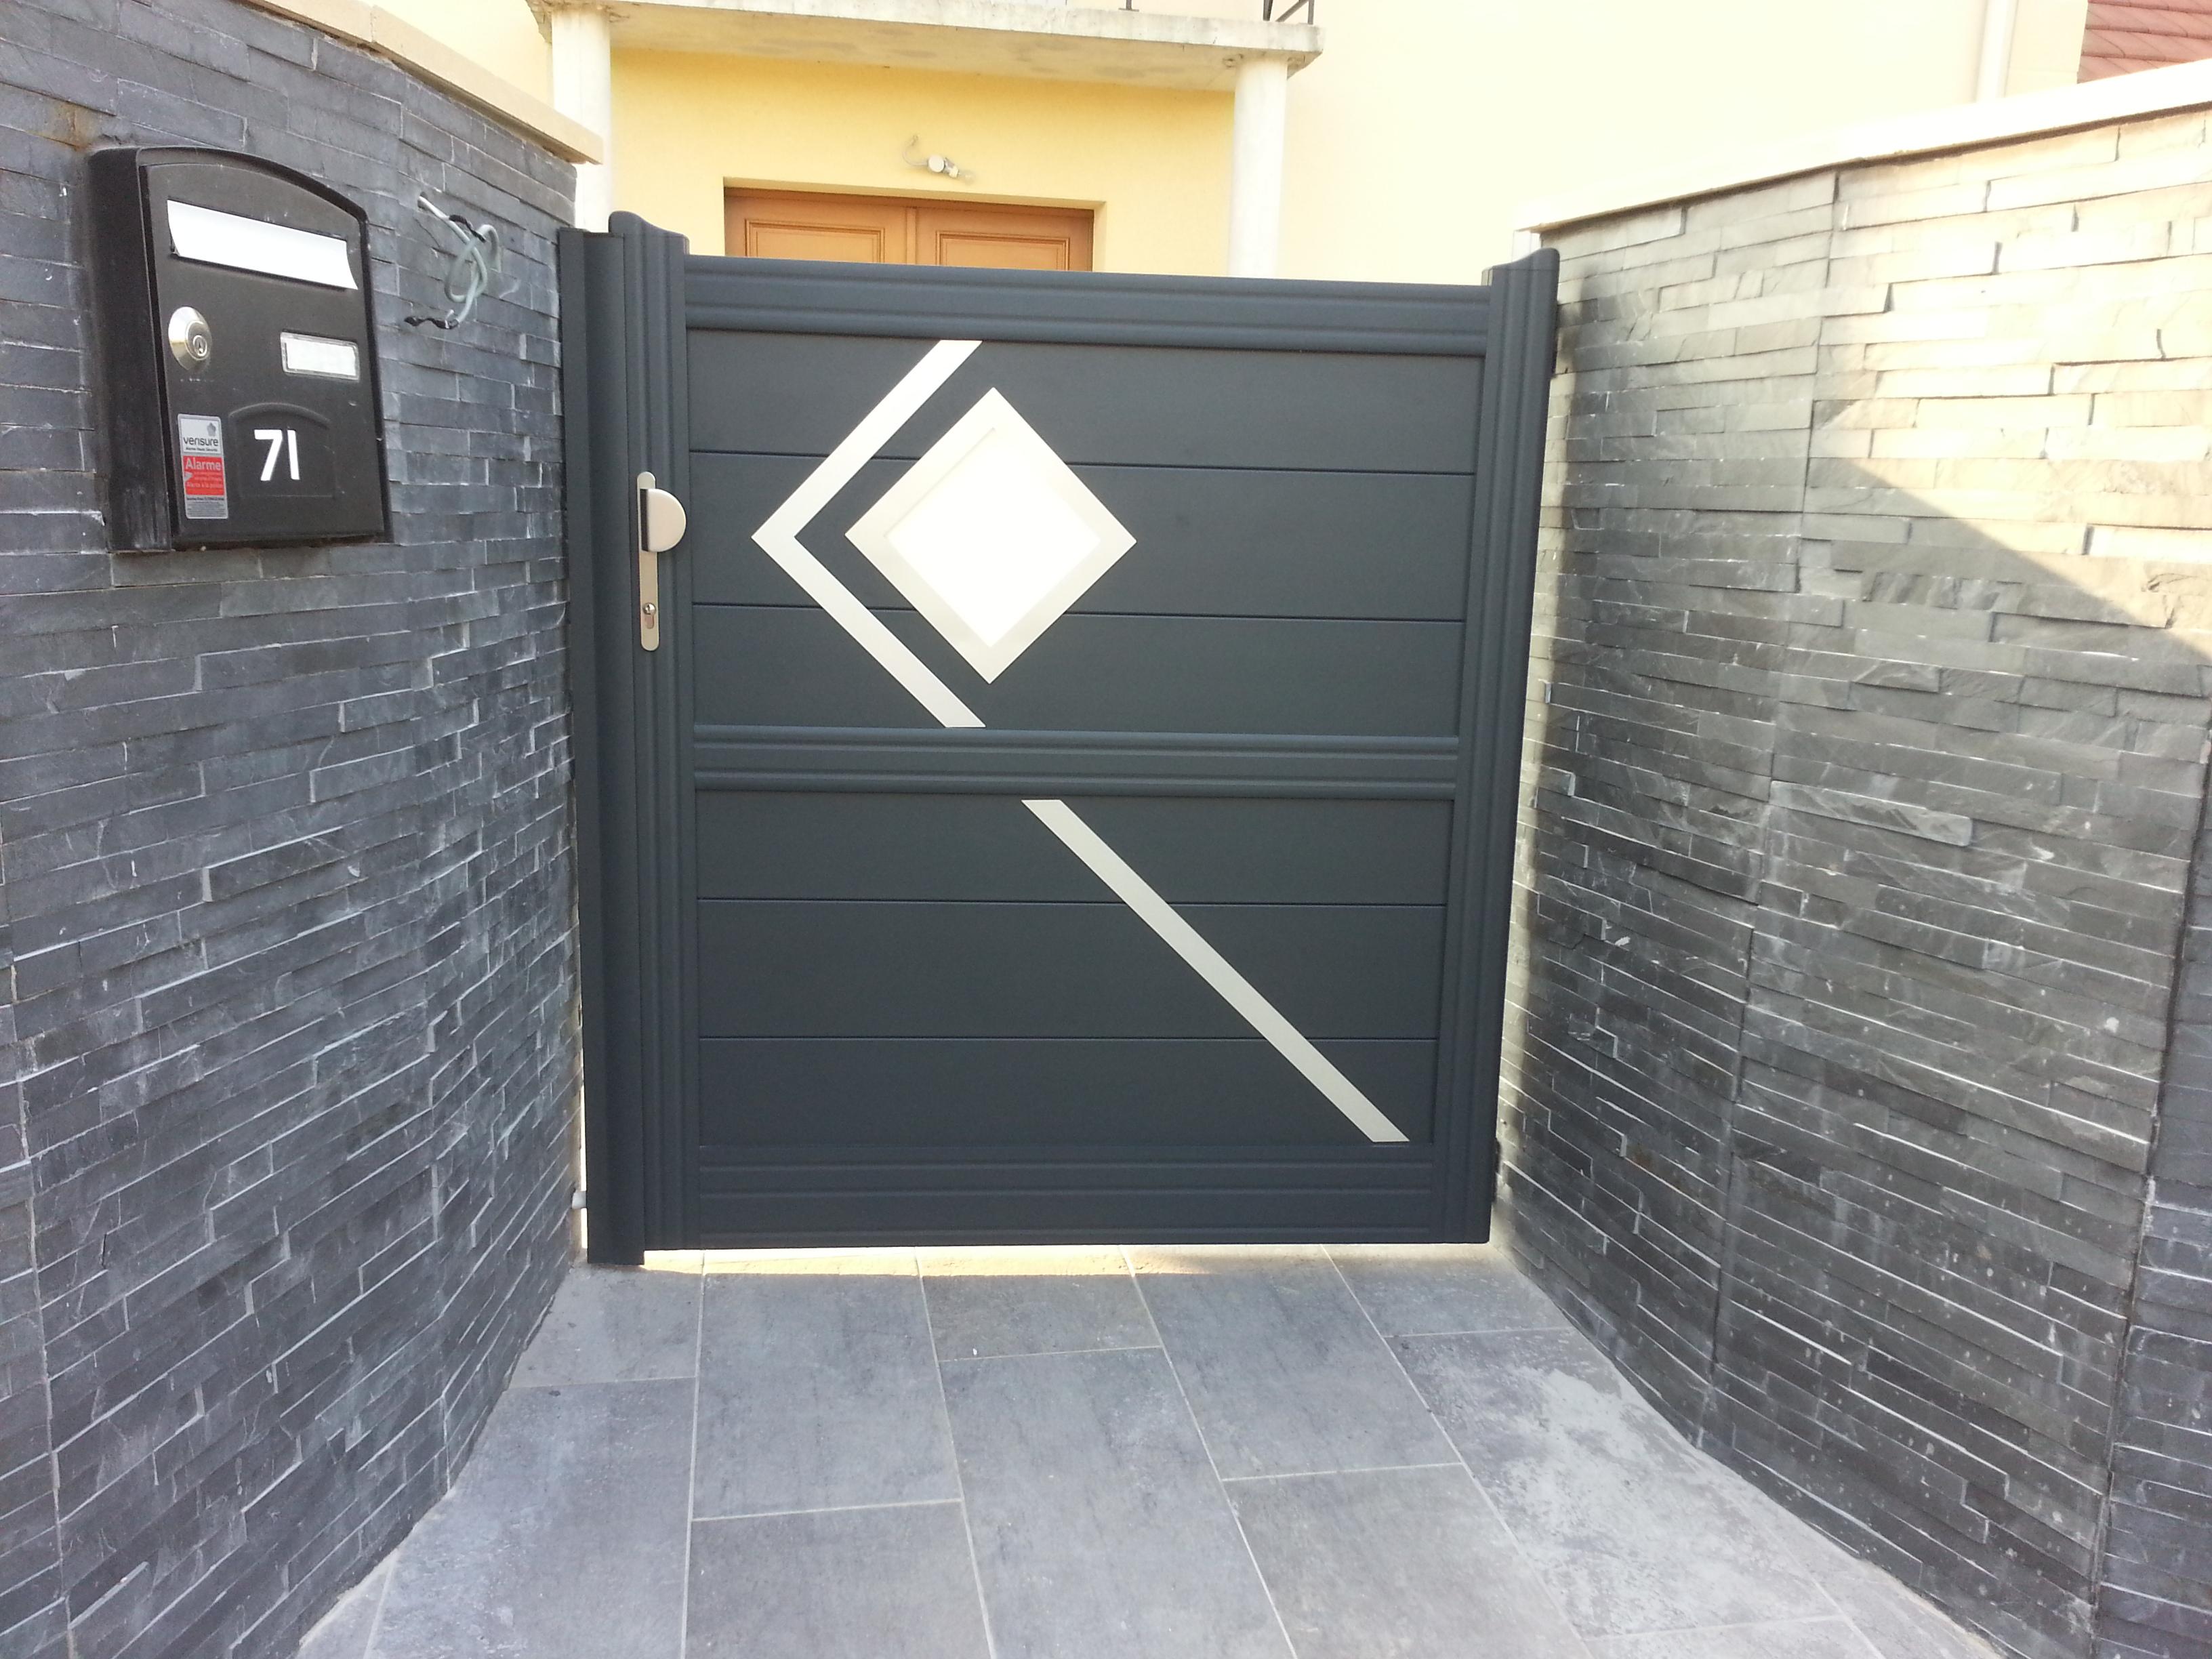 portillon moderne alu 7016. Black Bedroom Furniture Sets. Home Design Ideas